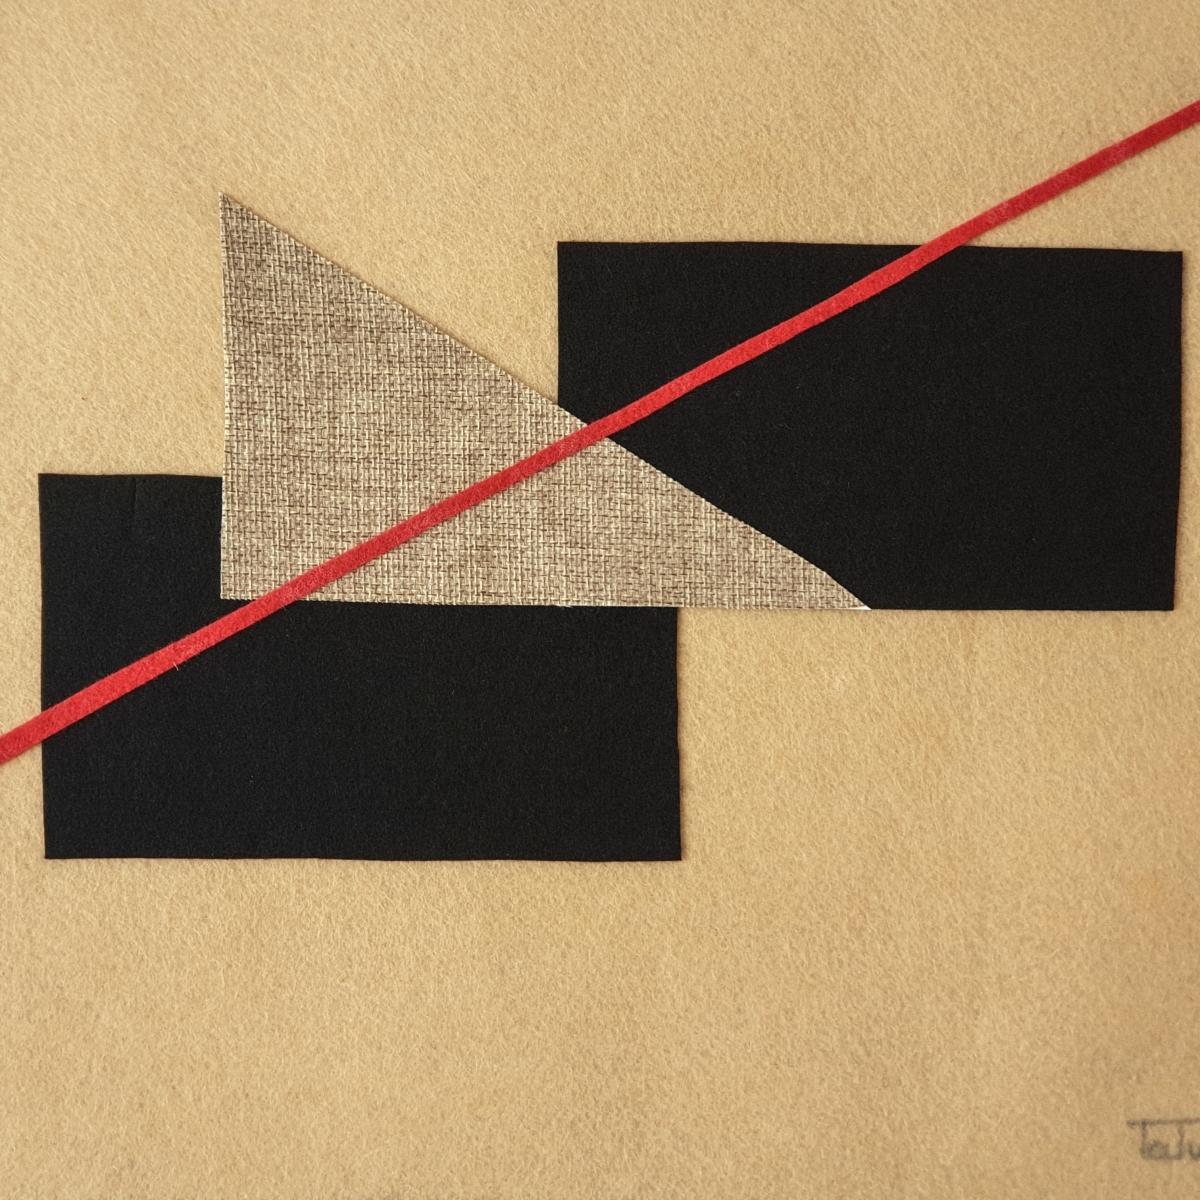 """Detalle del interior de la obra de arte abstracto titulada """"Connecting"""", por Tatuska"""